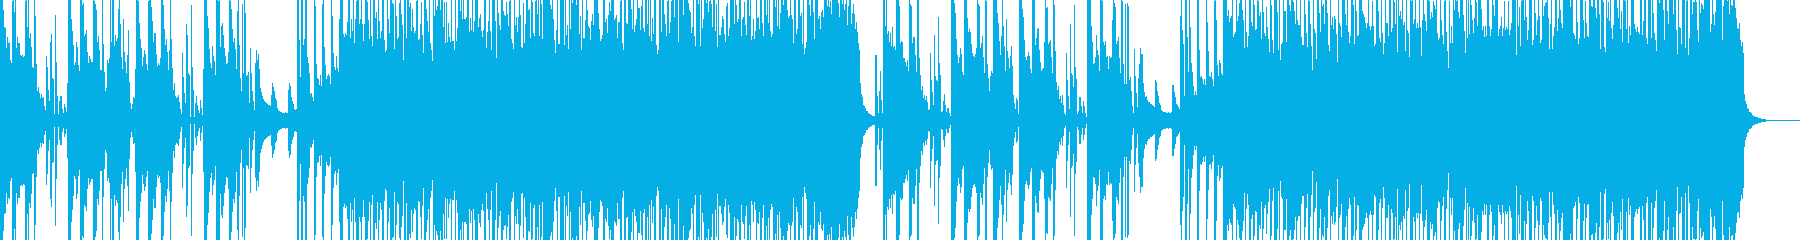 かっこよさを全面的に押し出したアコギ曲の再生済みの波形